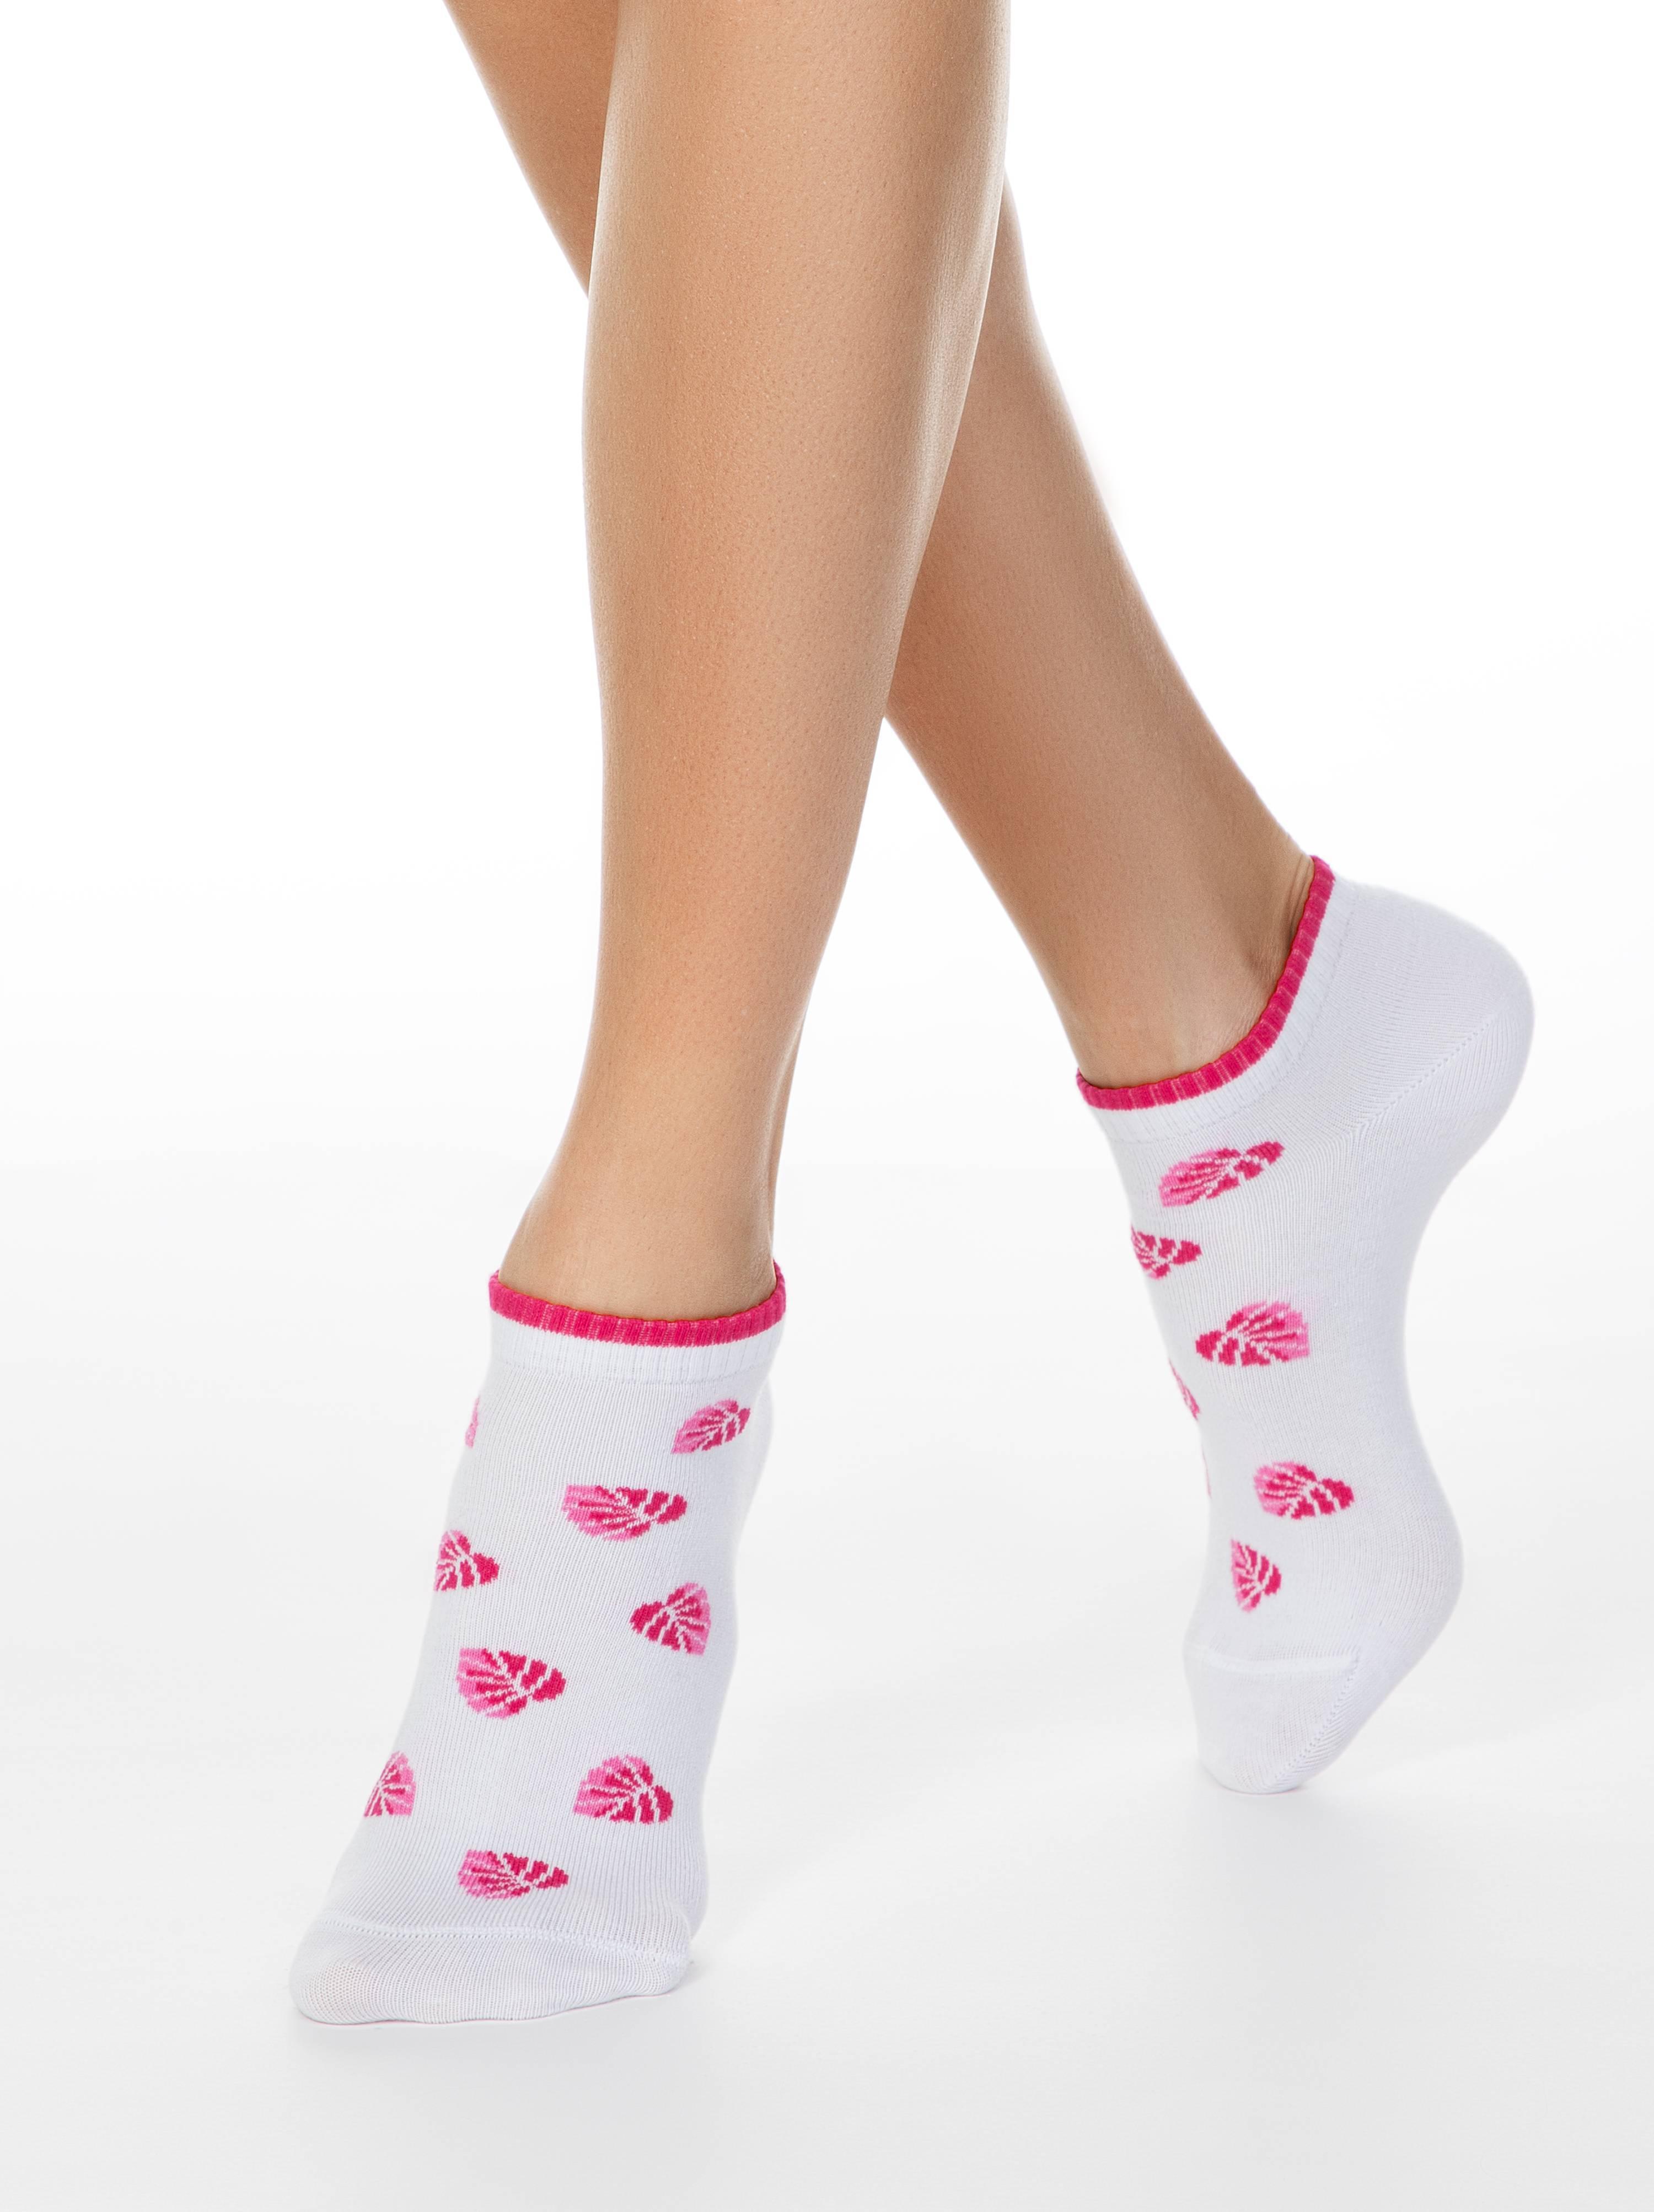 Фото - Носки женские ⭐️ Короткие хлопковые носки CLASSIC ⭐️ белого цвета